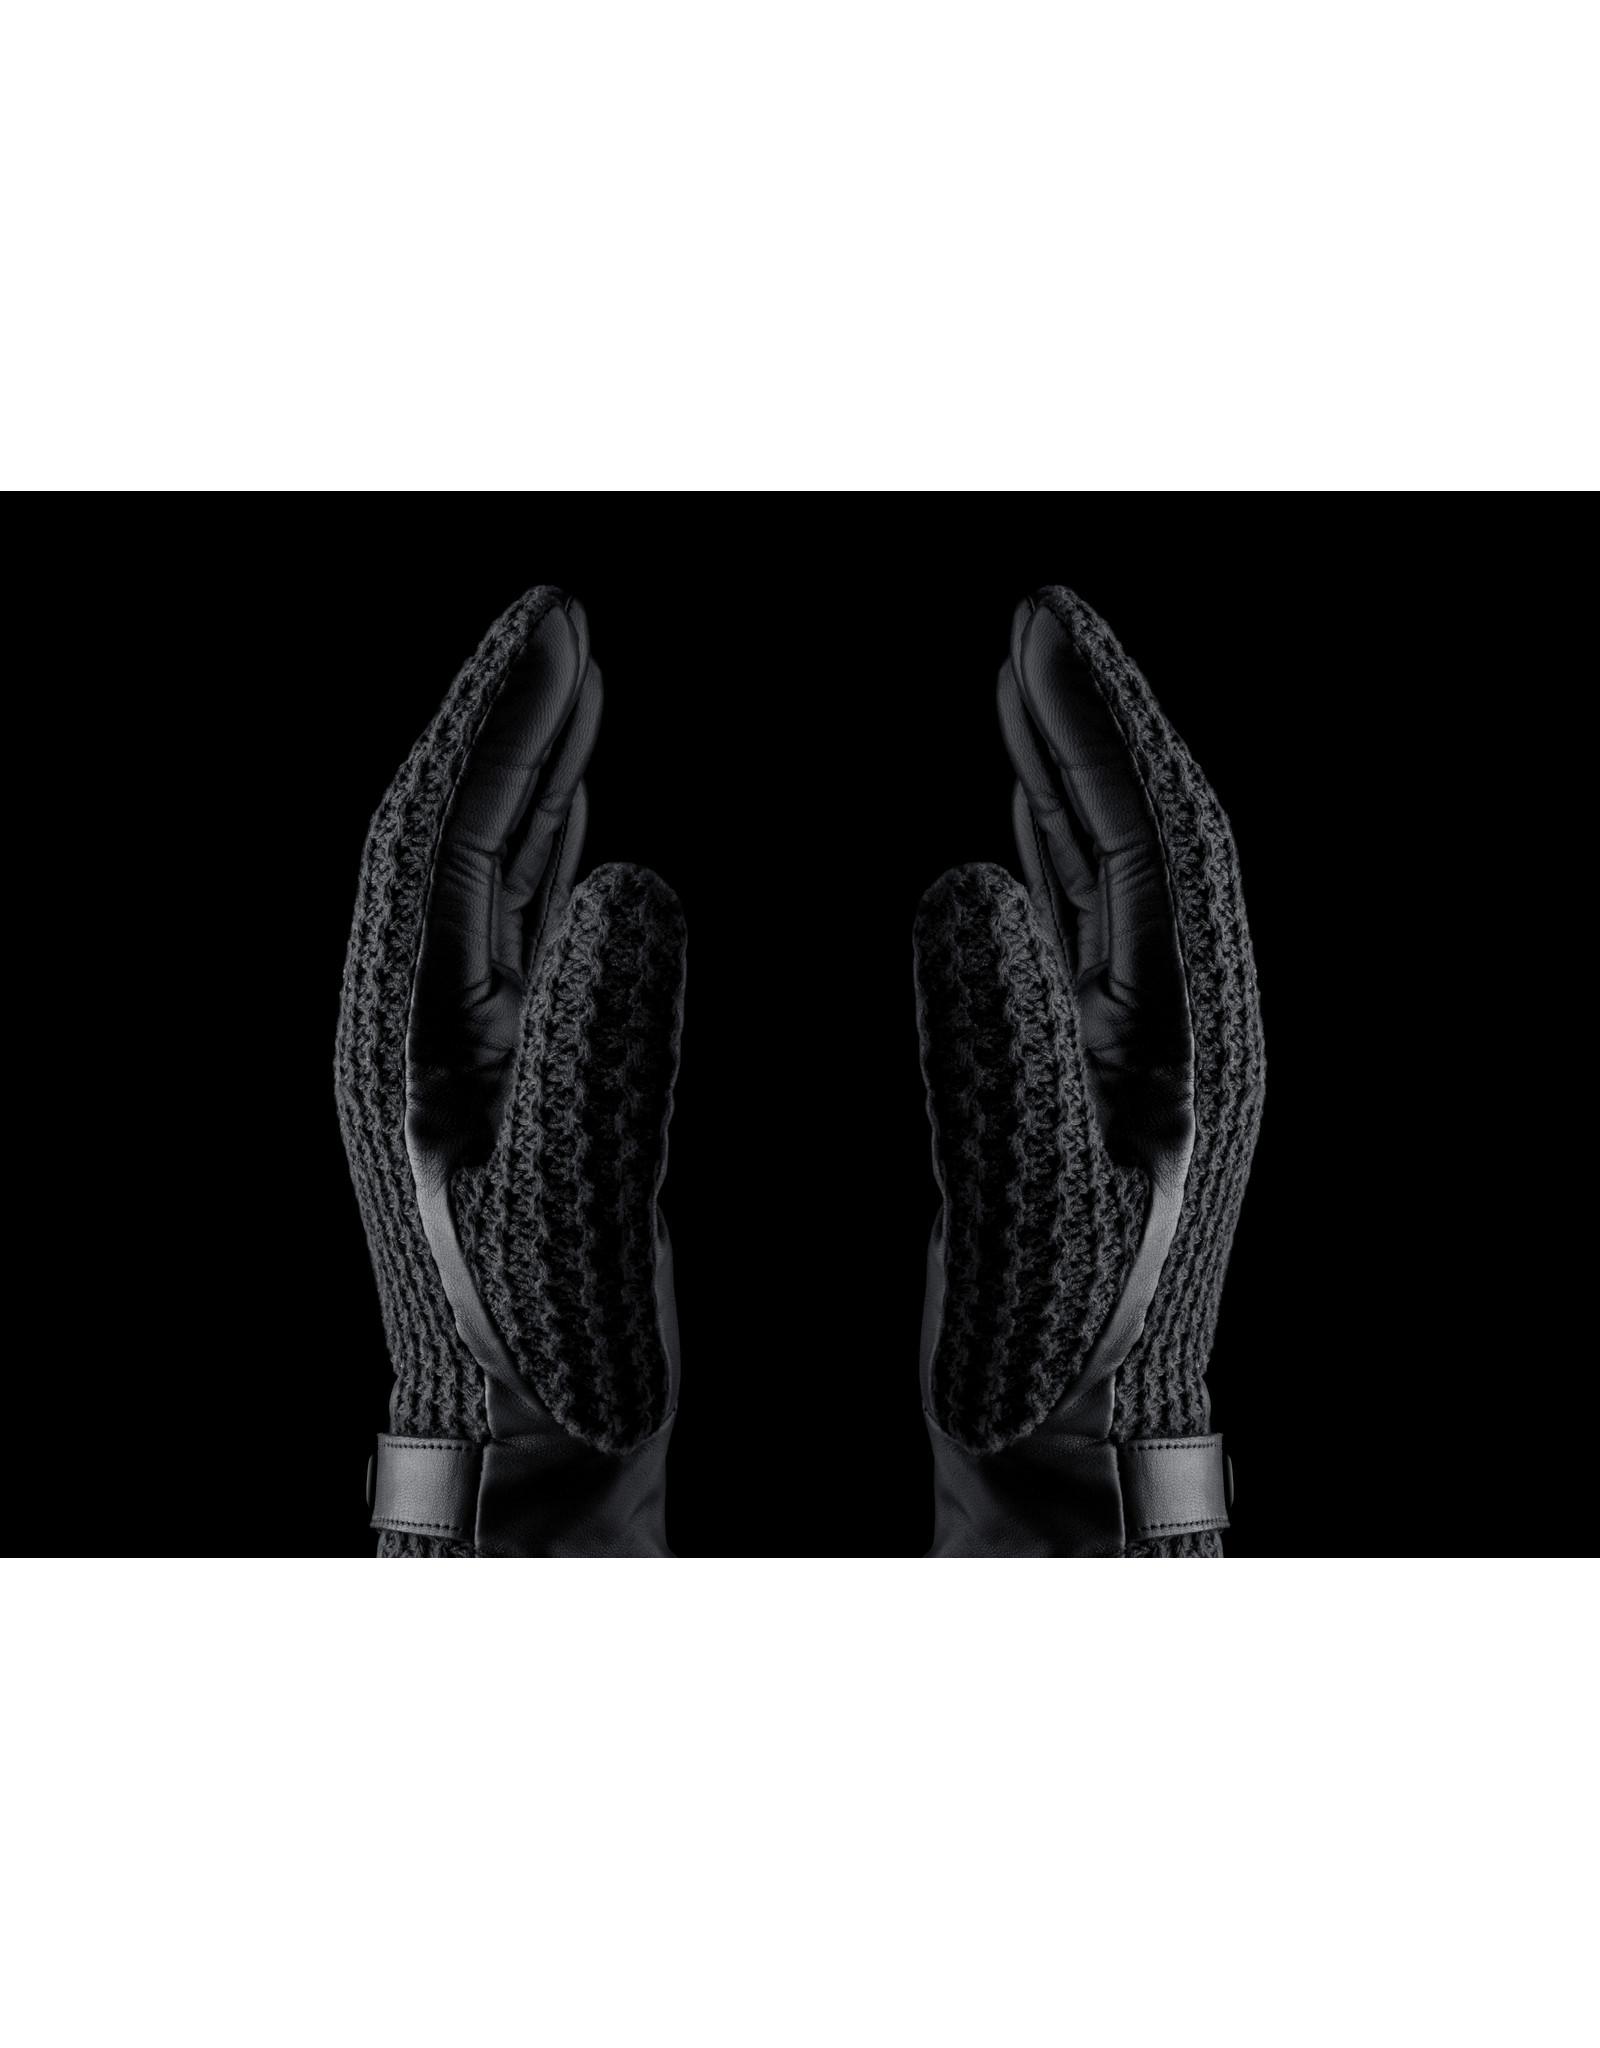 Mujjo Mujjo Leather Crochet Touchscreen Gloves